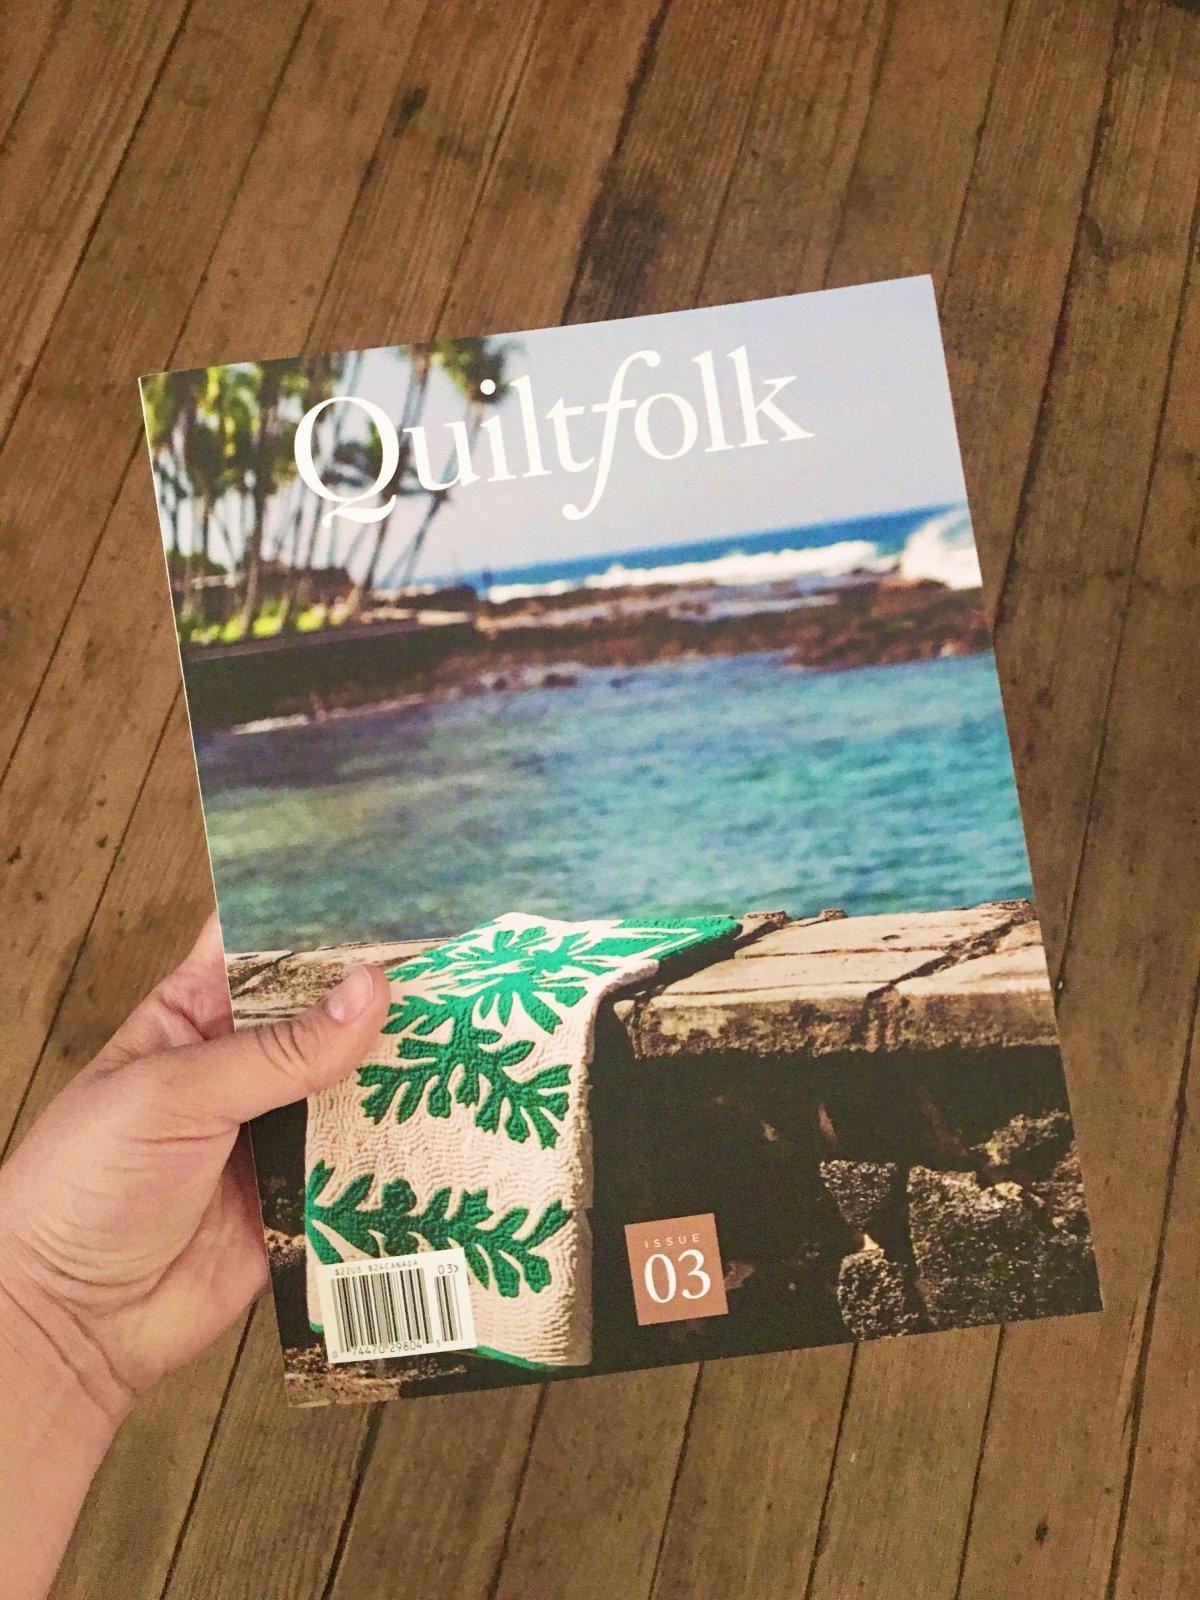 Quiltfolk Magazine (Issue 3: HAWAII)